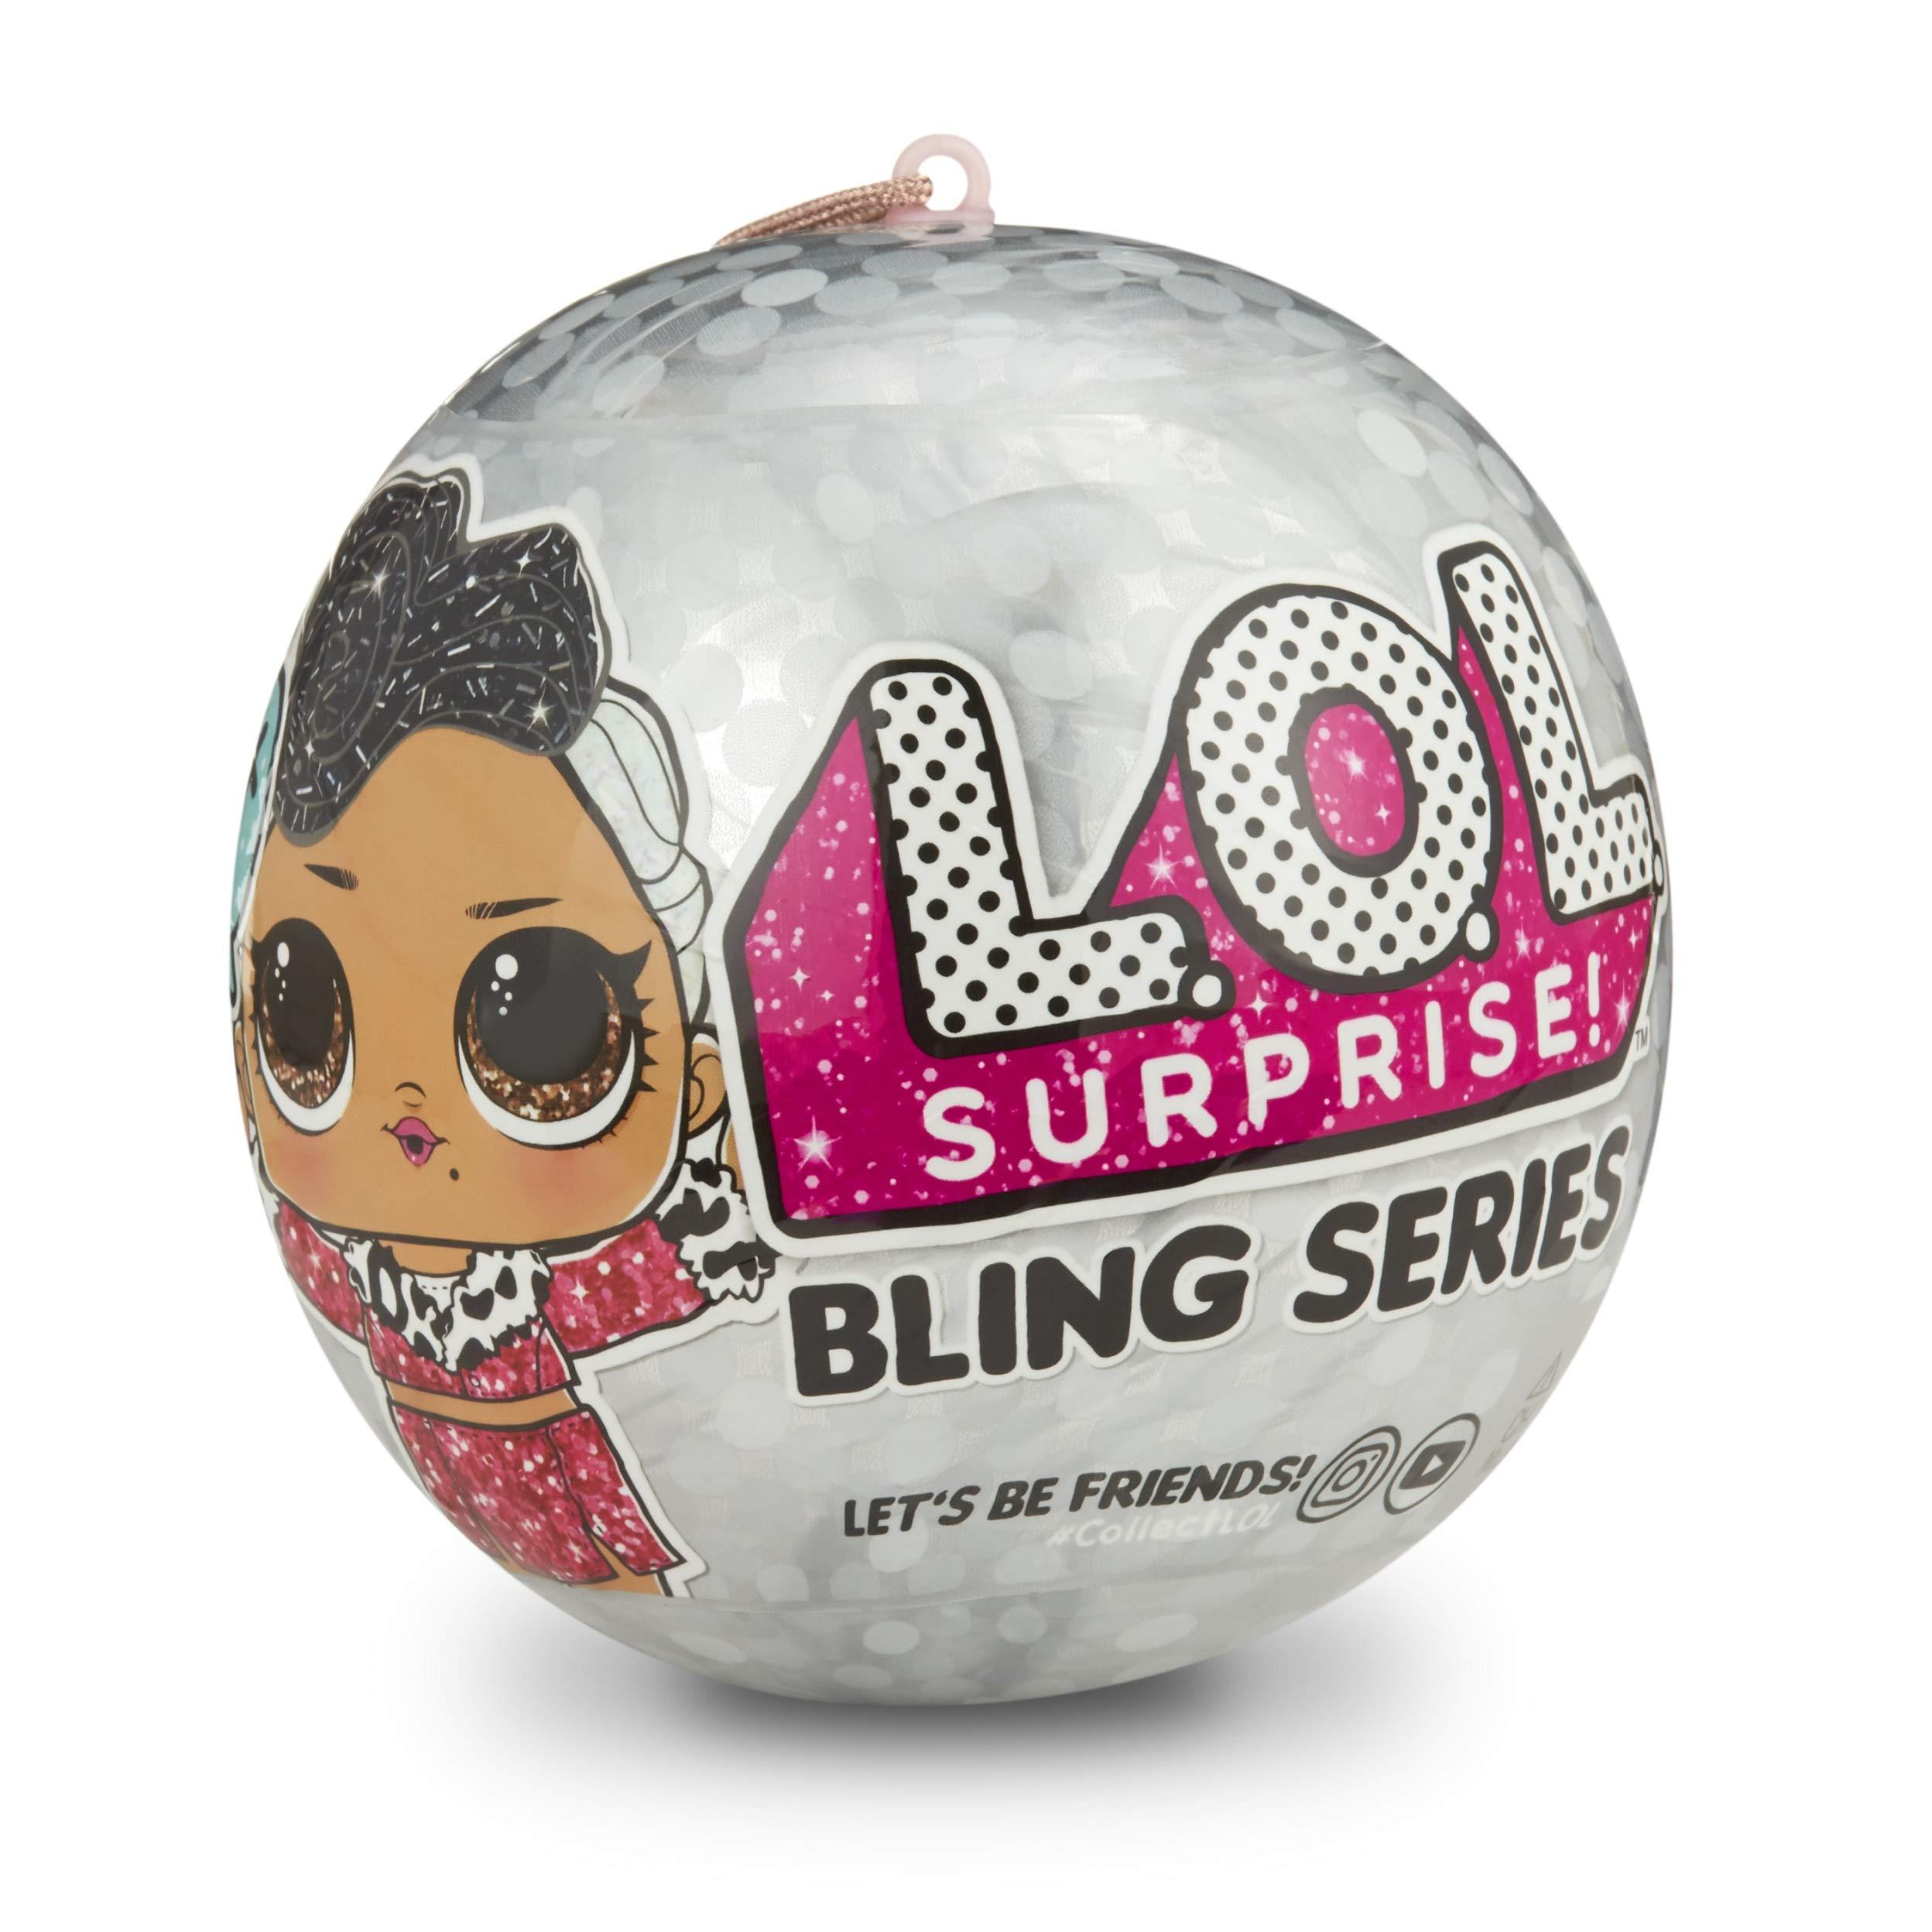 L.O.L 서프라이즈 블링 시리즈 인형 L.O.L. Surprise! Bling Series with 7 Surprises